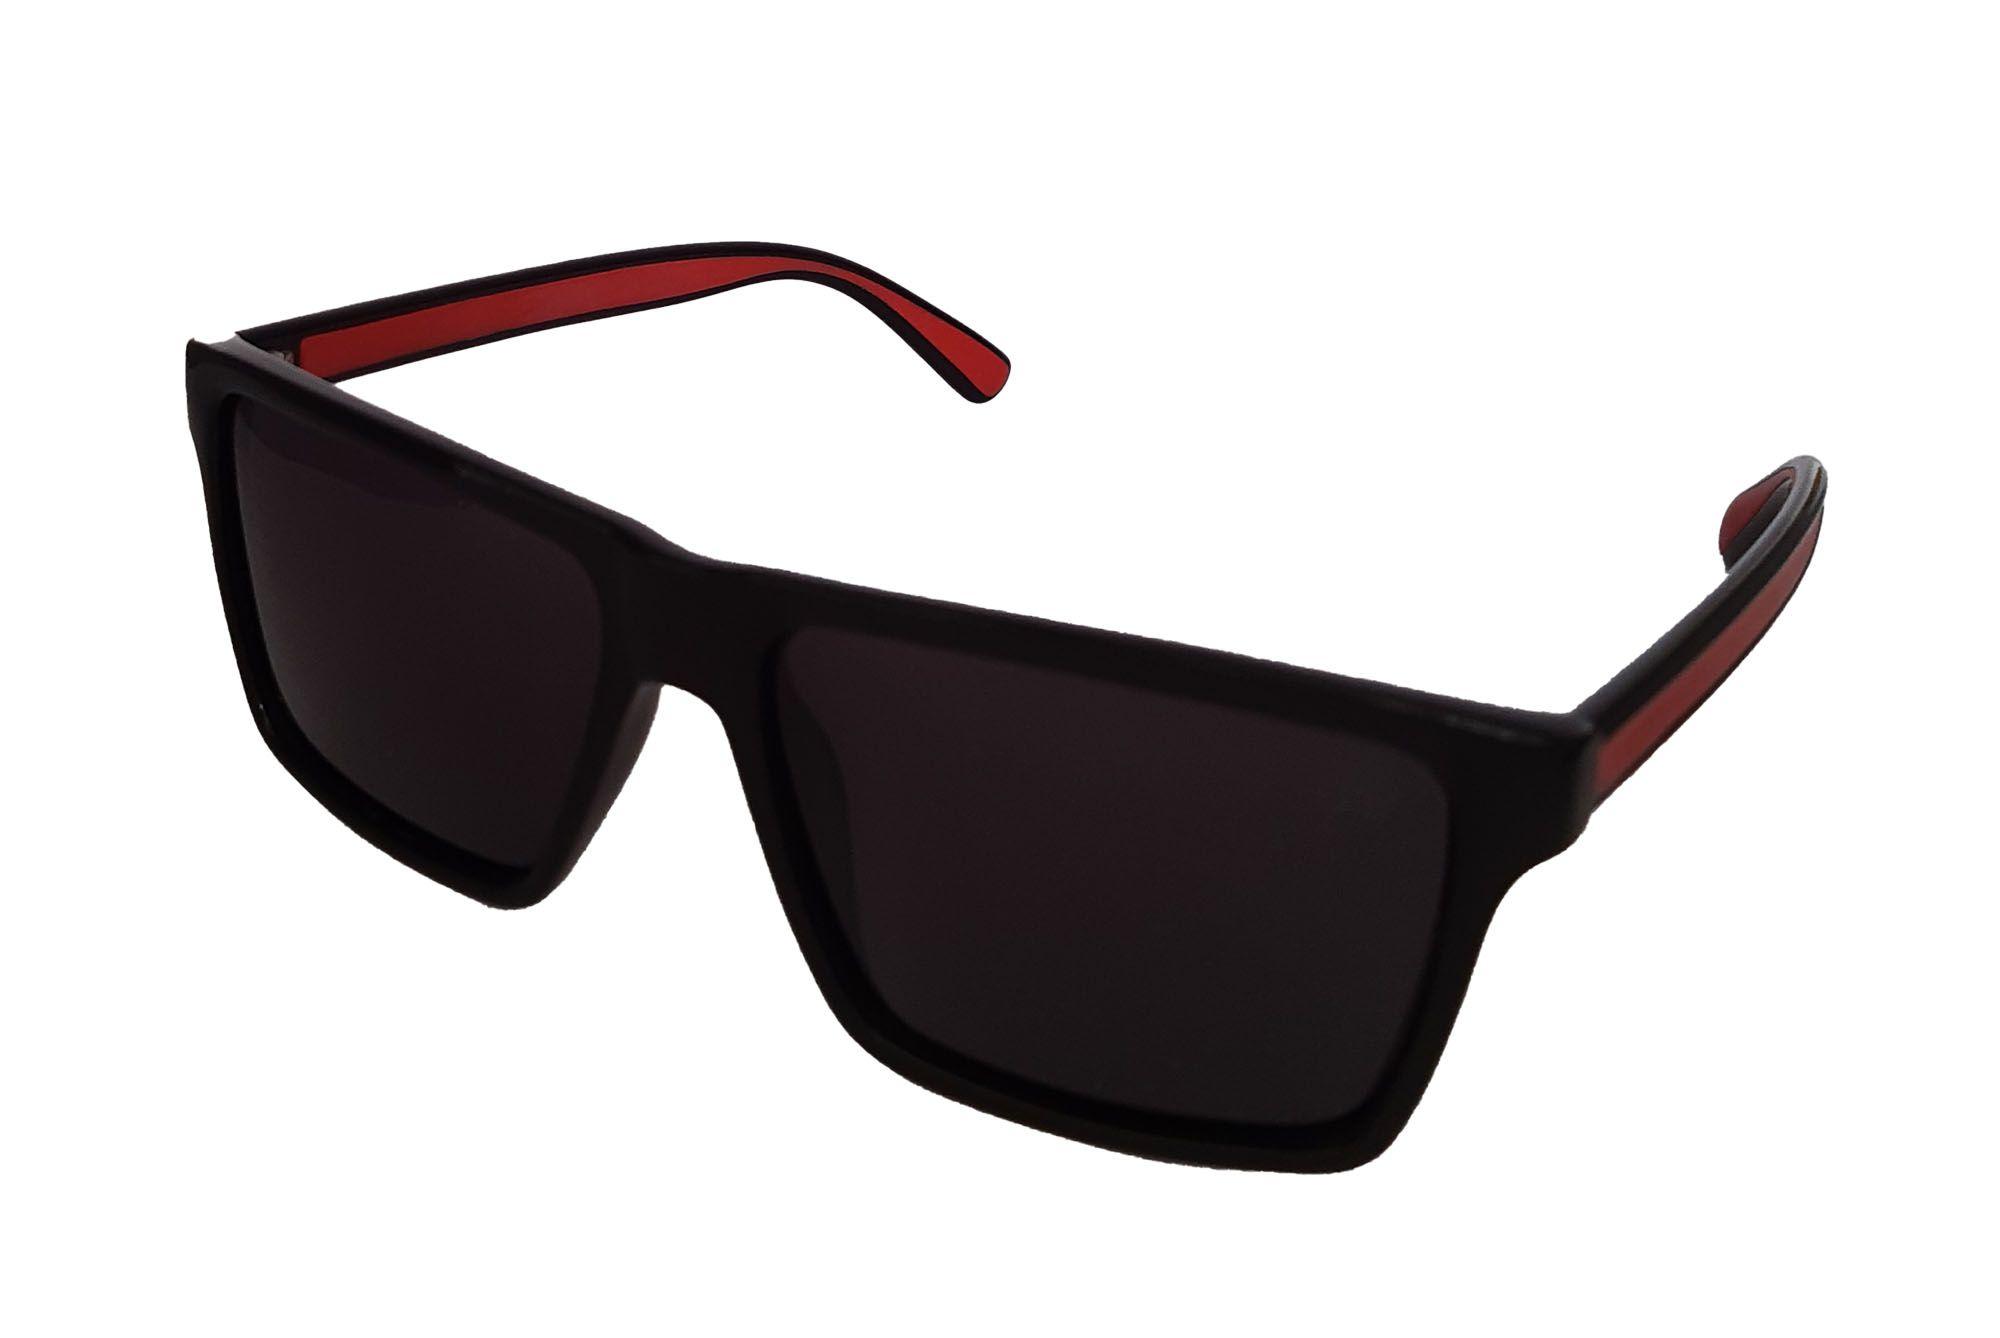 Óculos de sol polarizado Lucky027